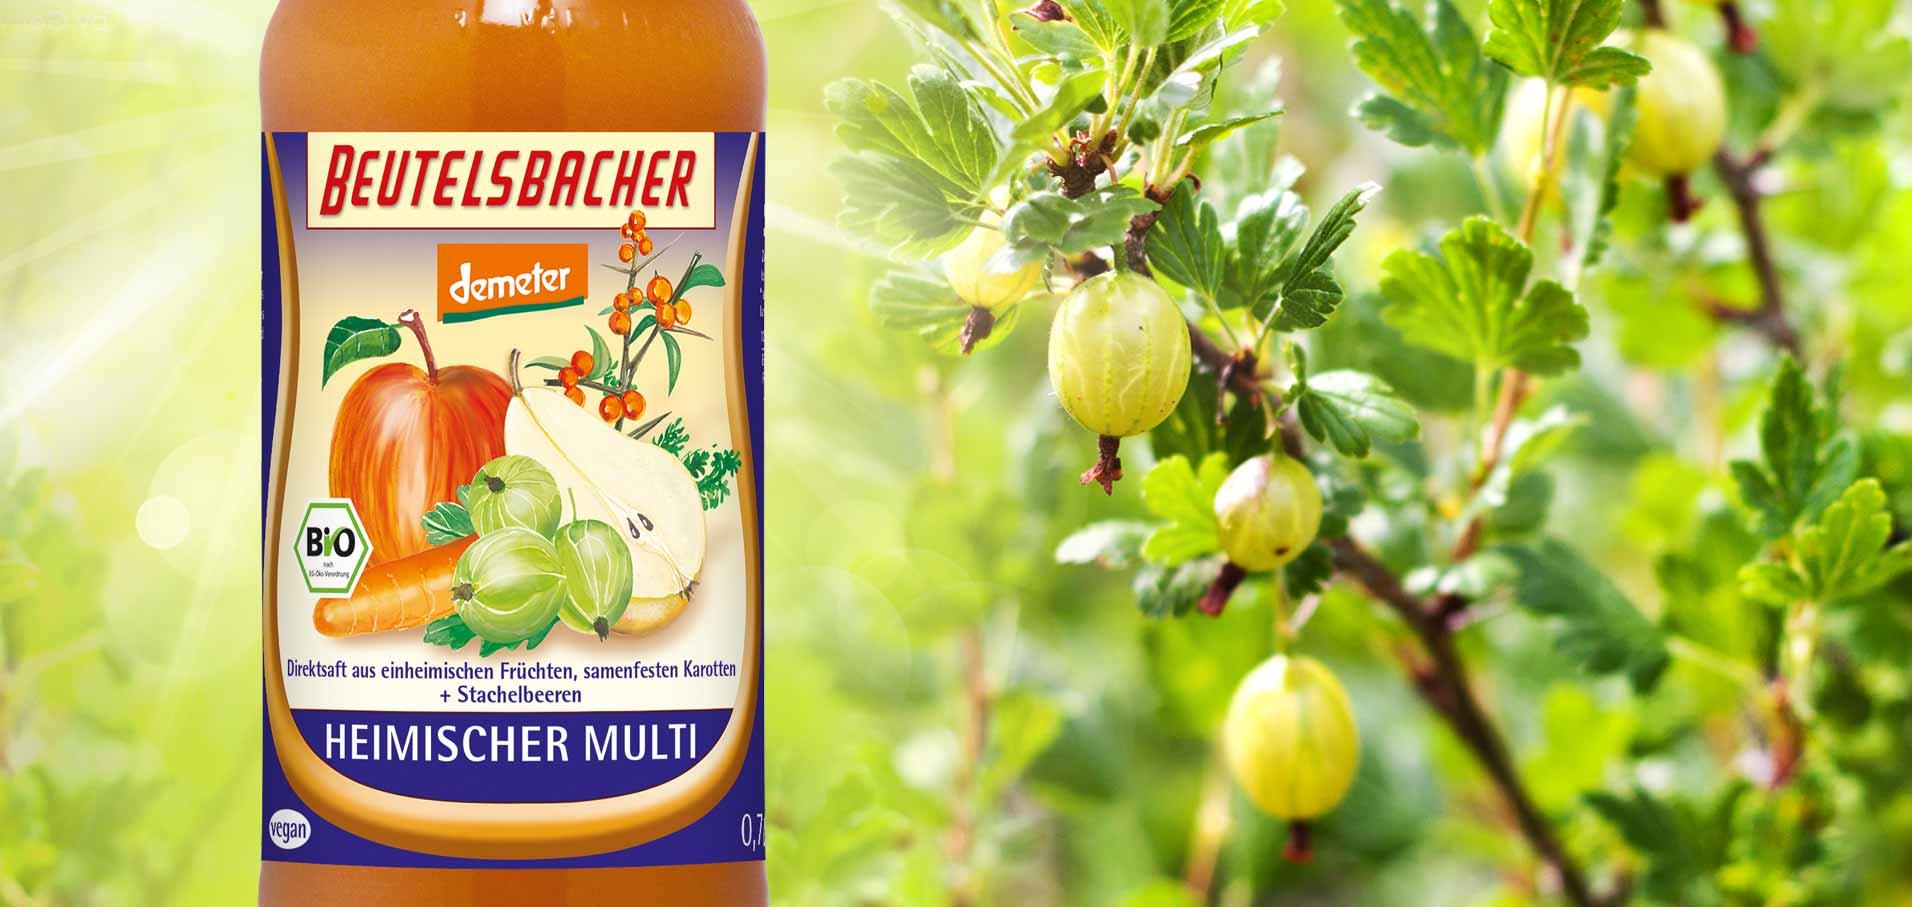 Heimischer Multi samenfeste Karotten Stachelbeere Demeter Direktsaft